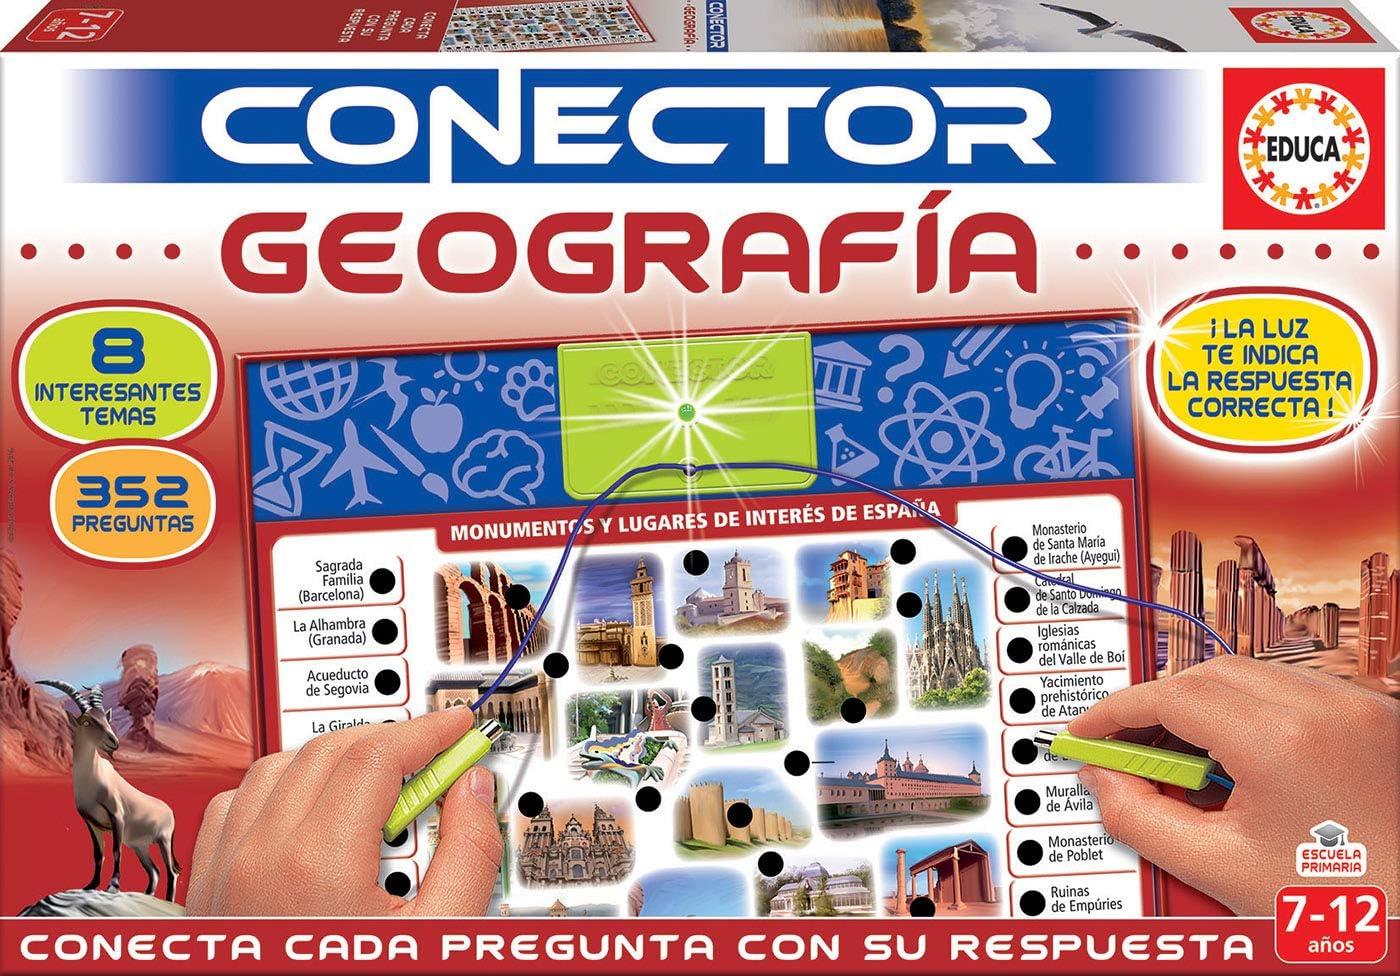 Educa- Conector Geografía Juego Educativo para niños, a Partir de 7 años (17204): Amazon.es: Juguetes y juegos